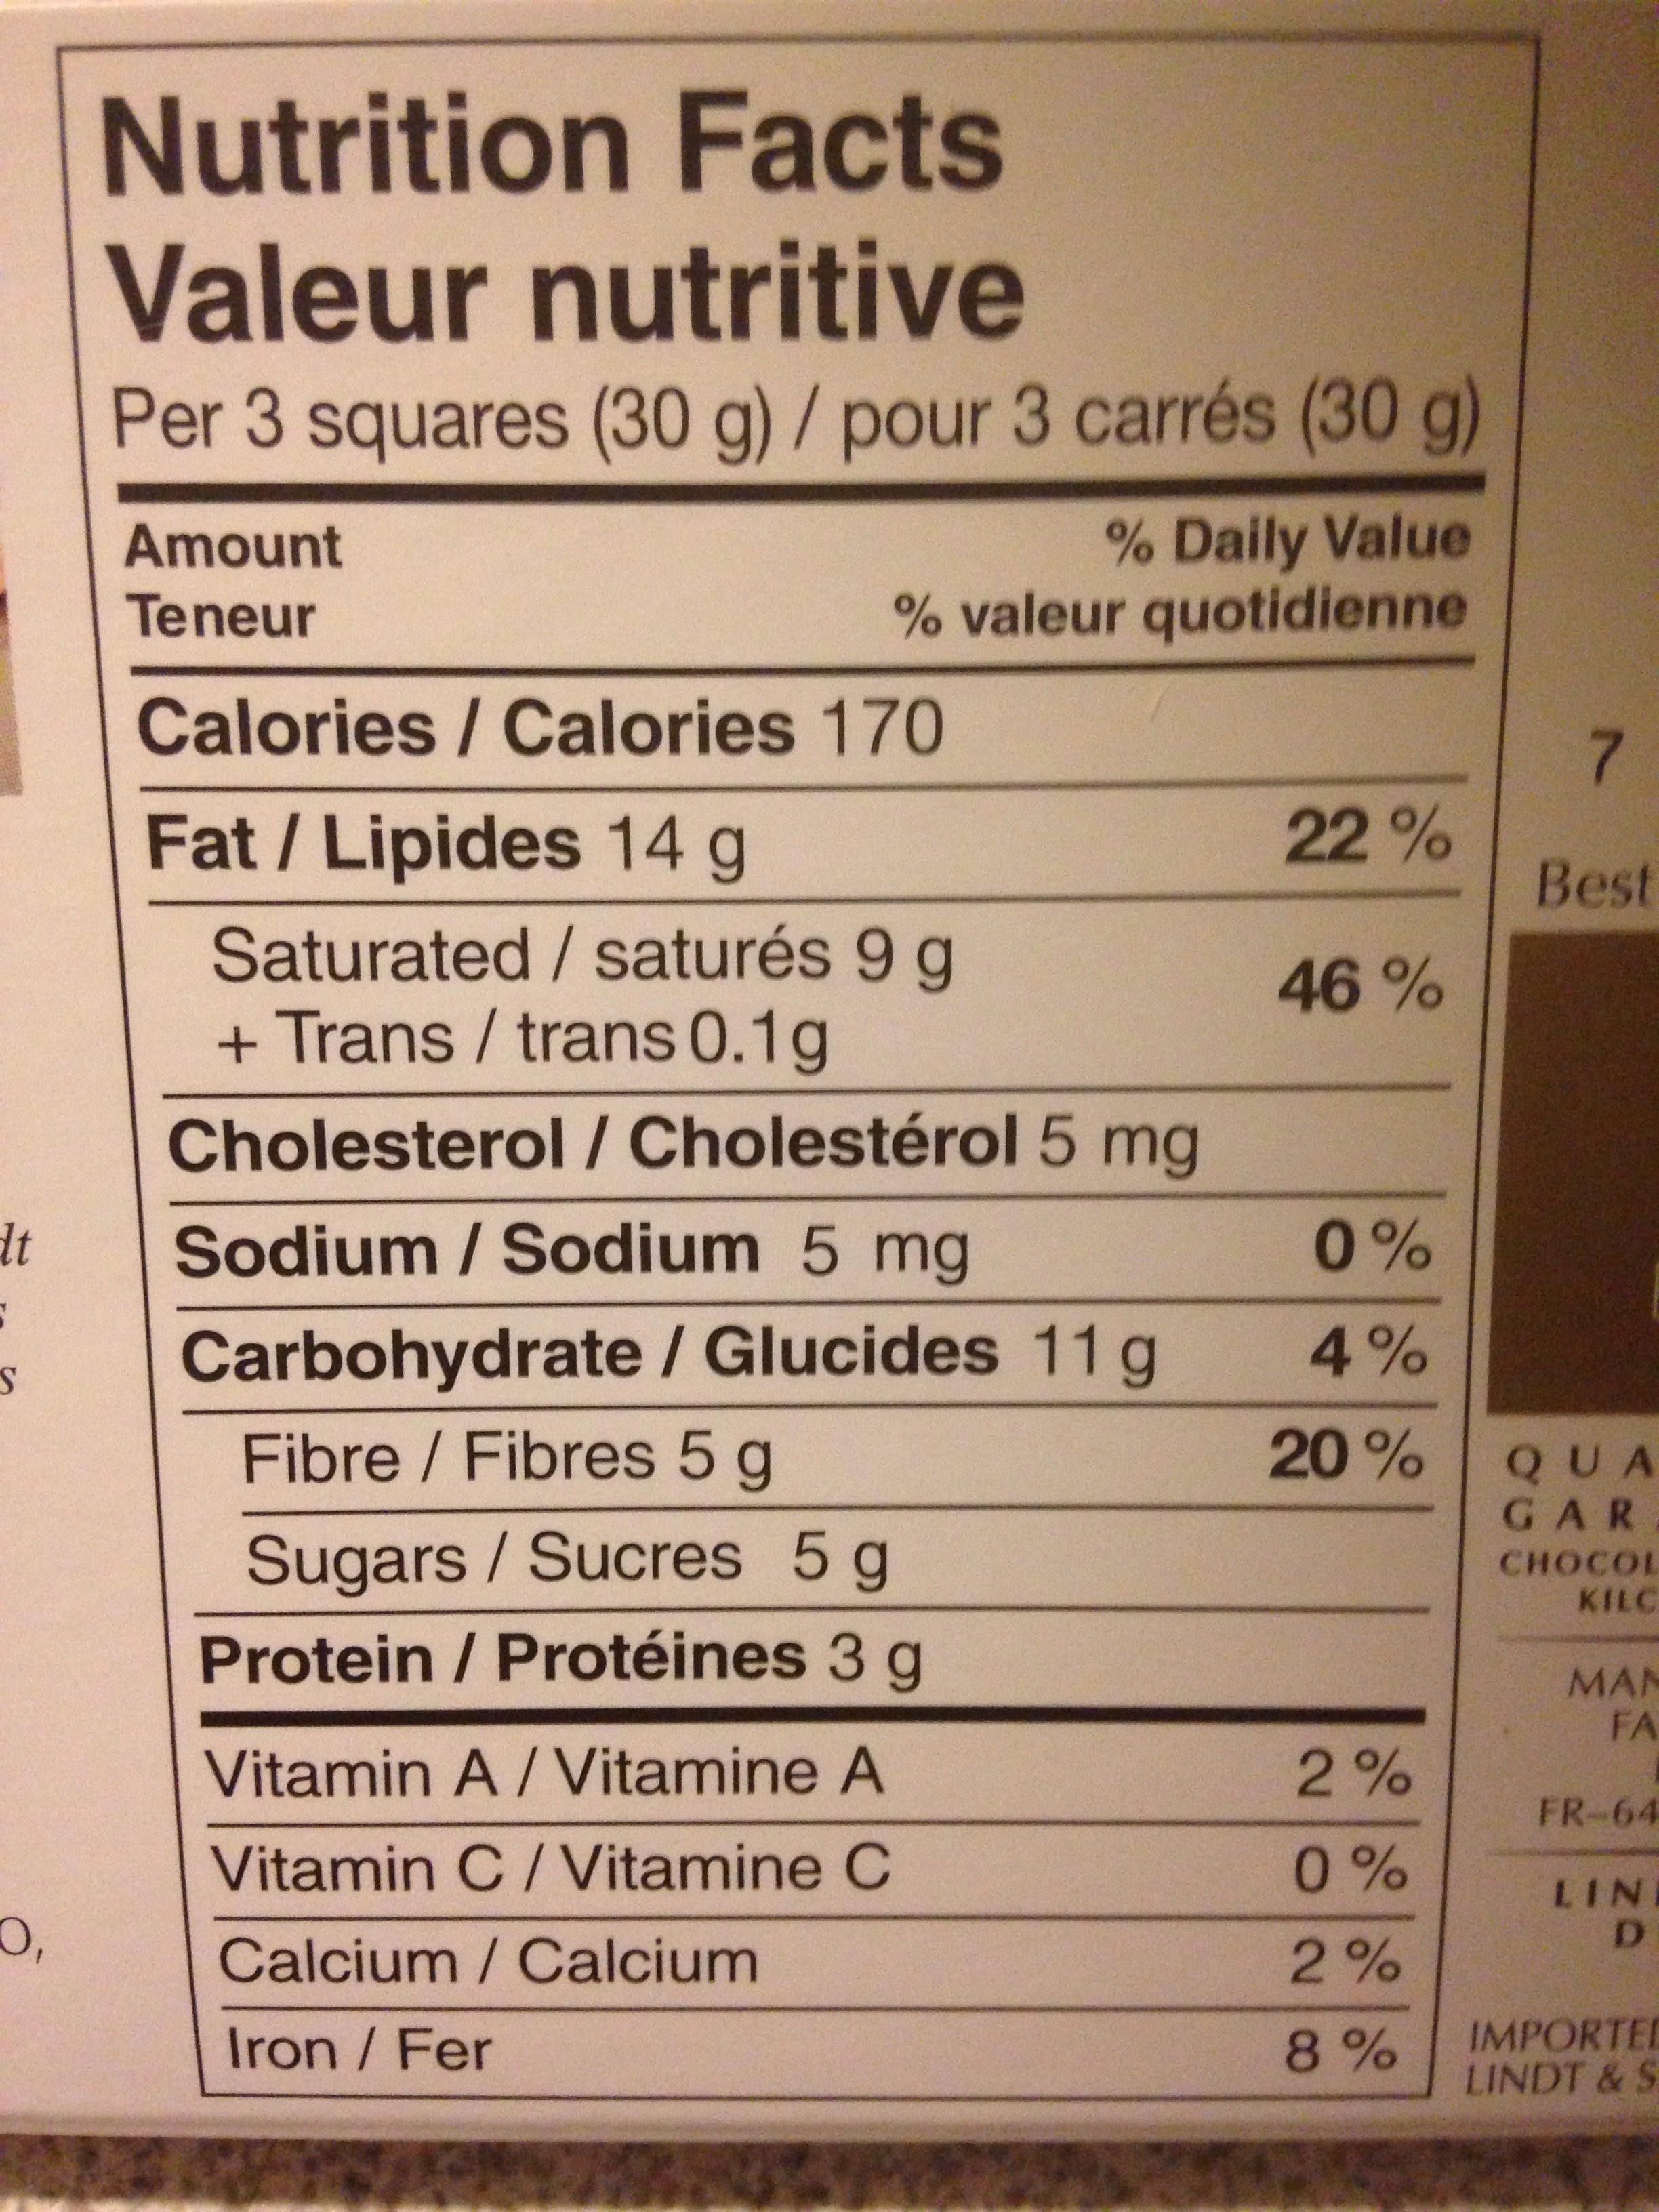 Tablette chocolat noir 78% - Informations nutritionnelles - fr